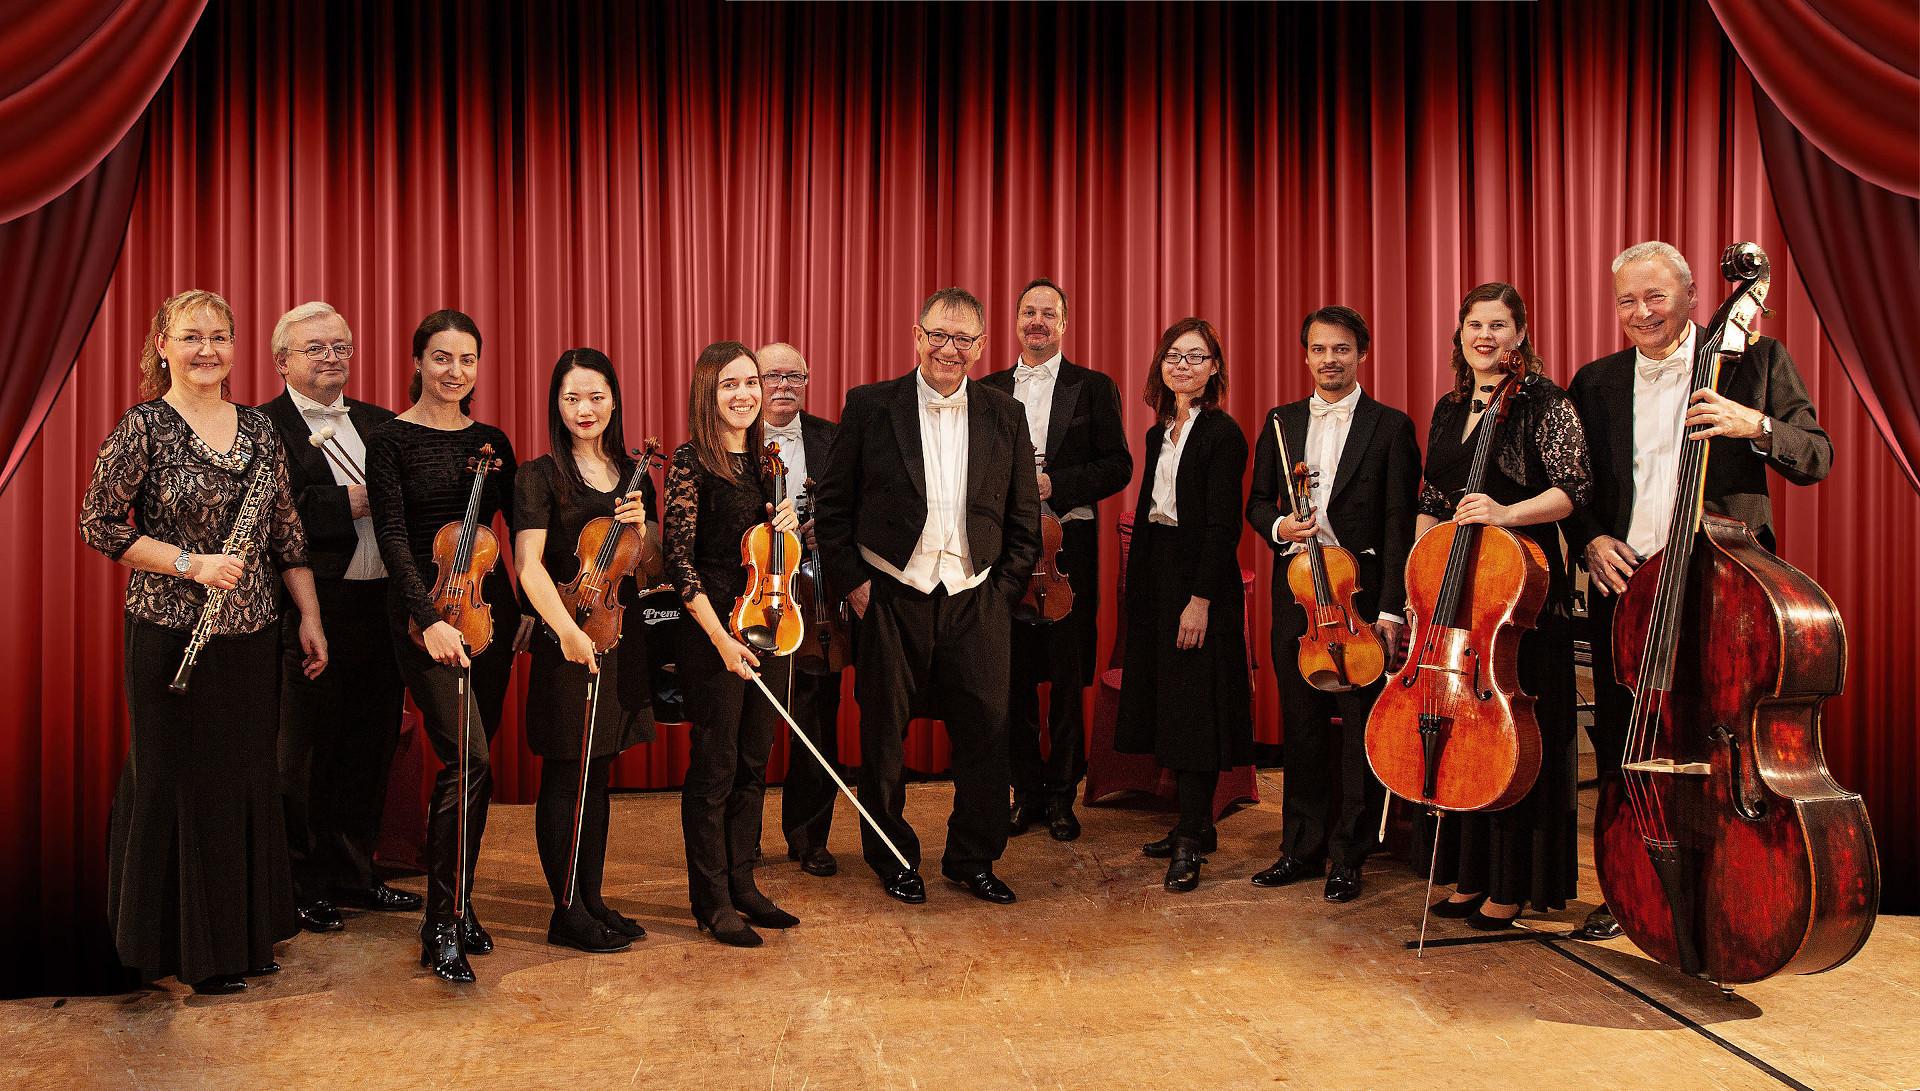 Brandenburgisches Konzertorchester Eberswalde, Foto: Ulrich Blume